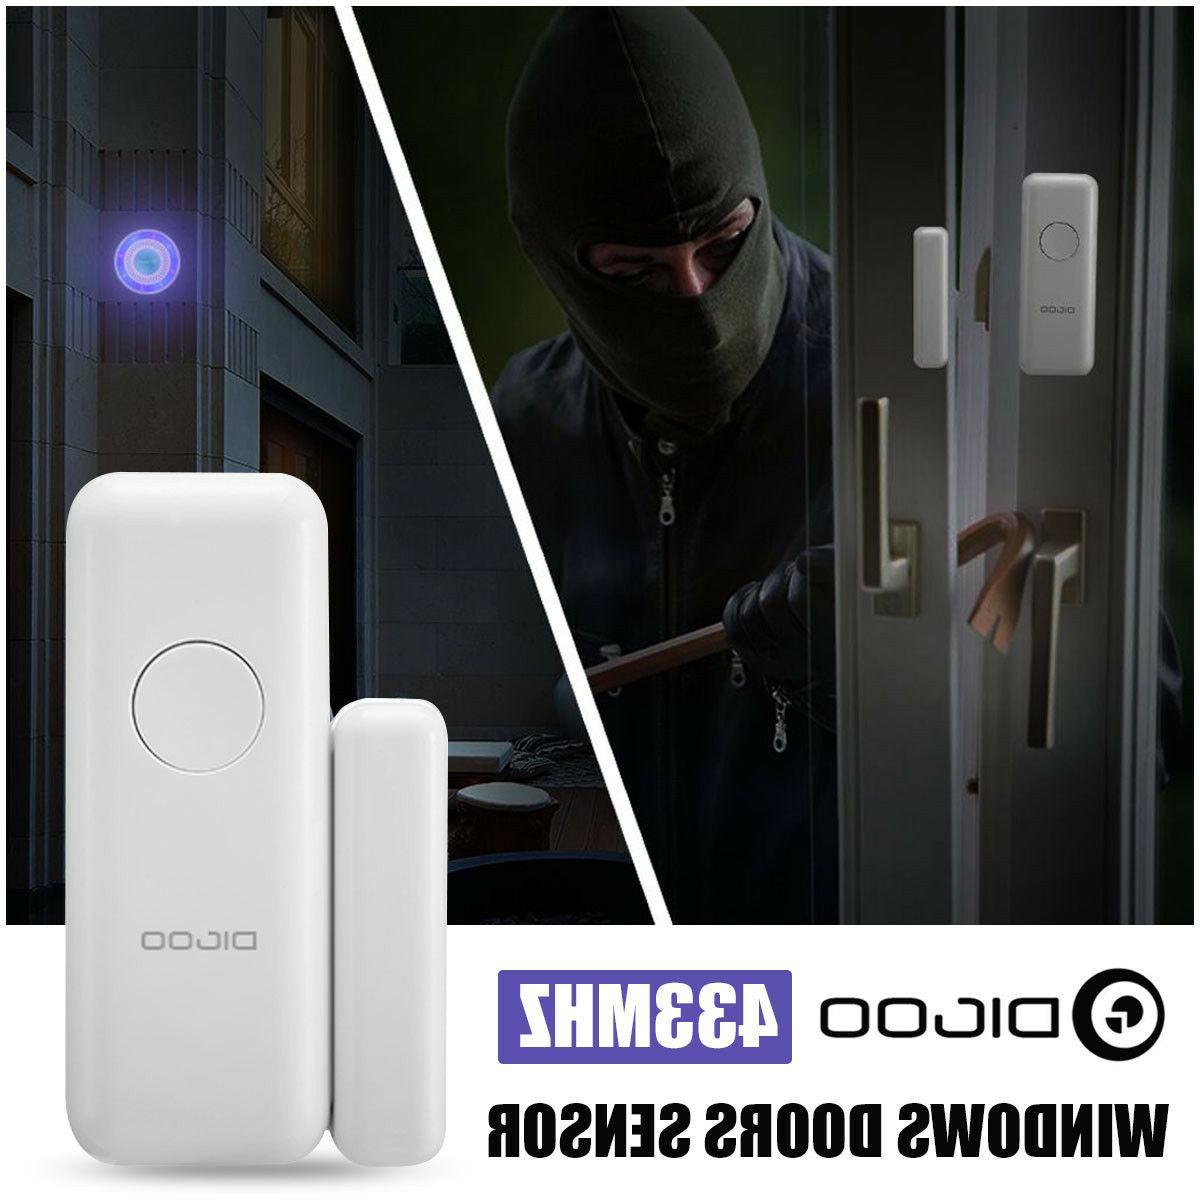 10x Digoo Wireless Home Window Door Burglar Security